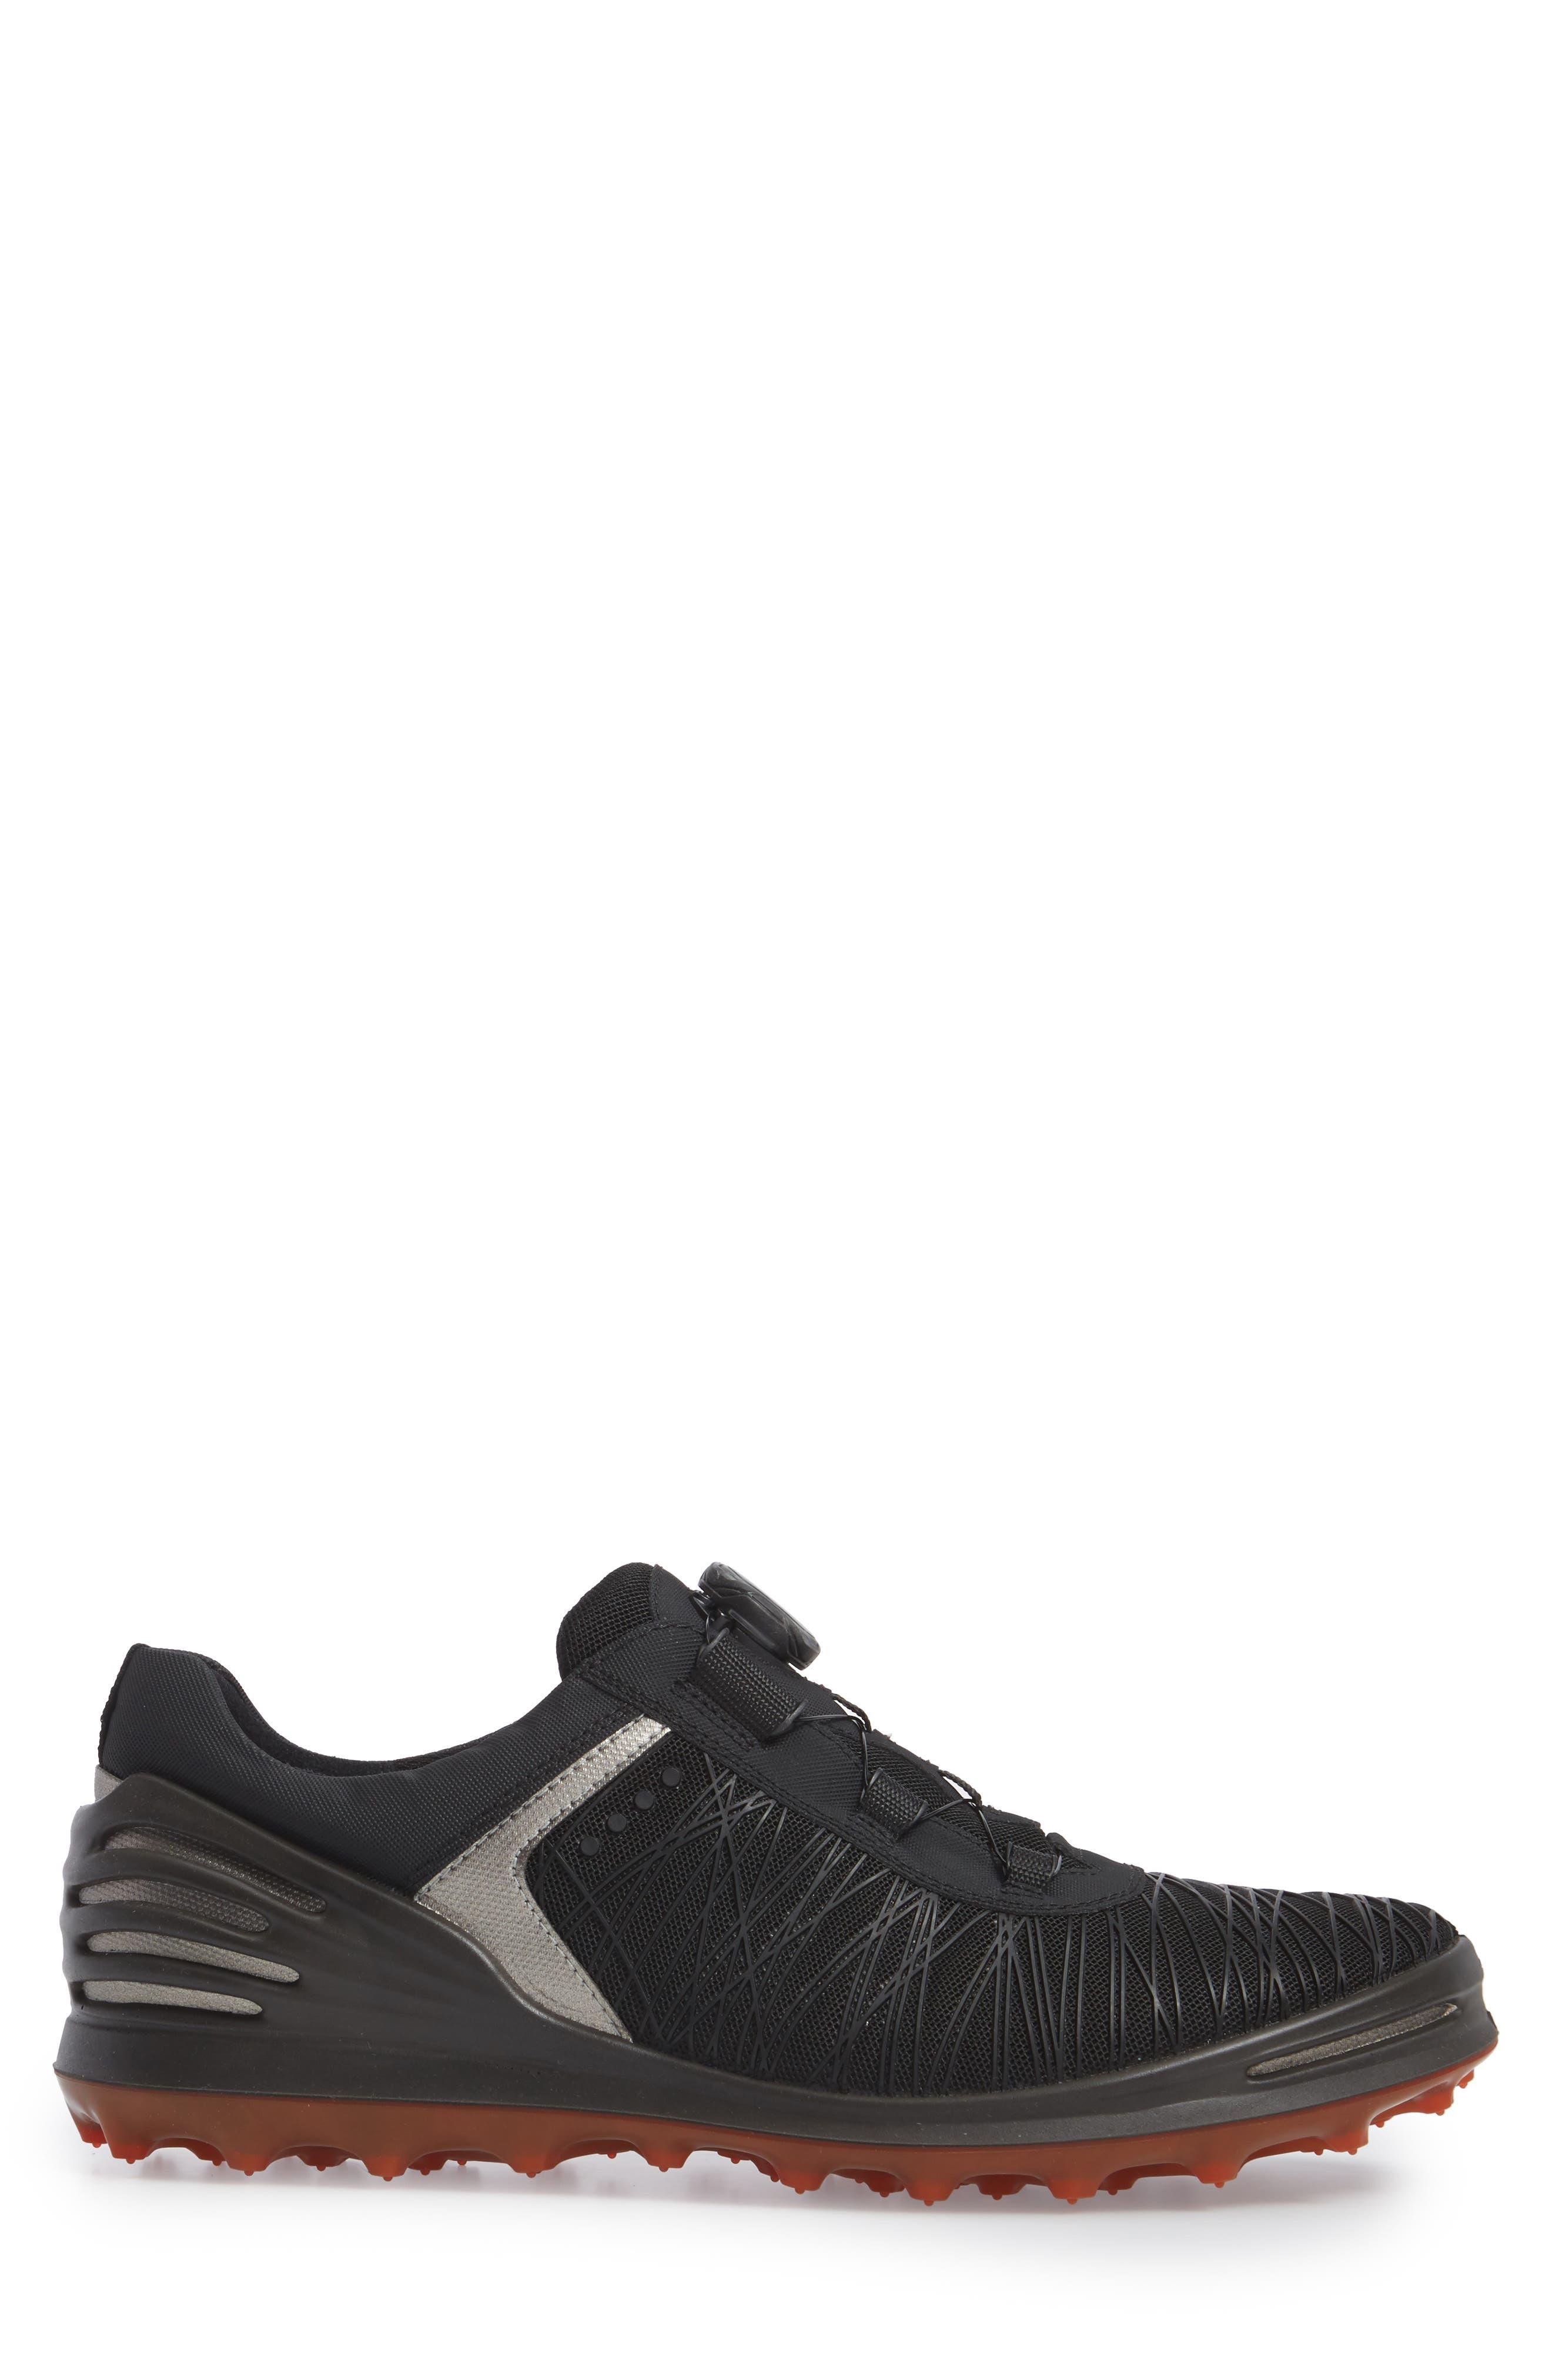 Alternate Image 3  - ECCO Cage Pro BOA Golf Shoe (Men)